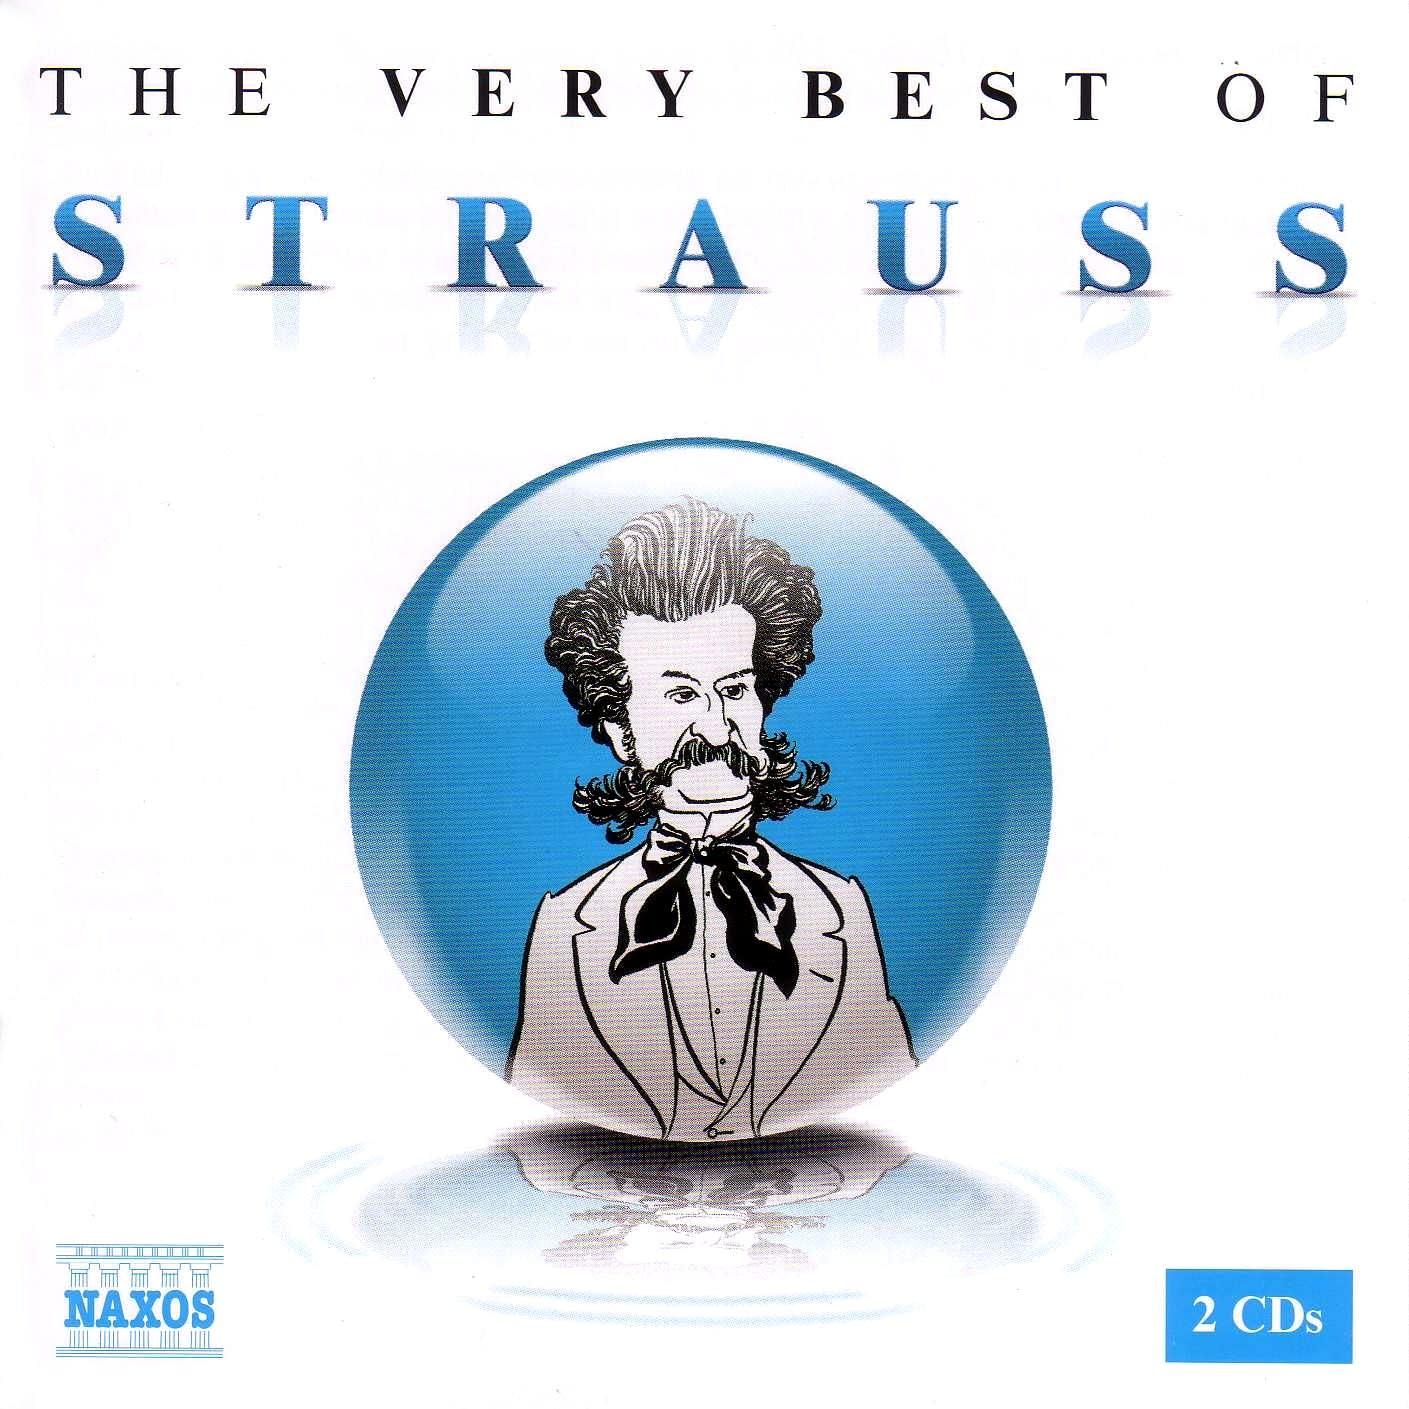 Johann Strauss II - Die Fledermaus: Overture